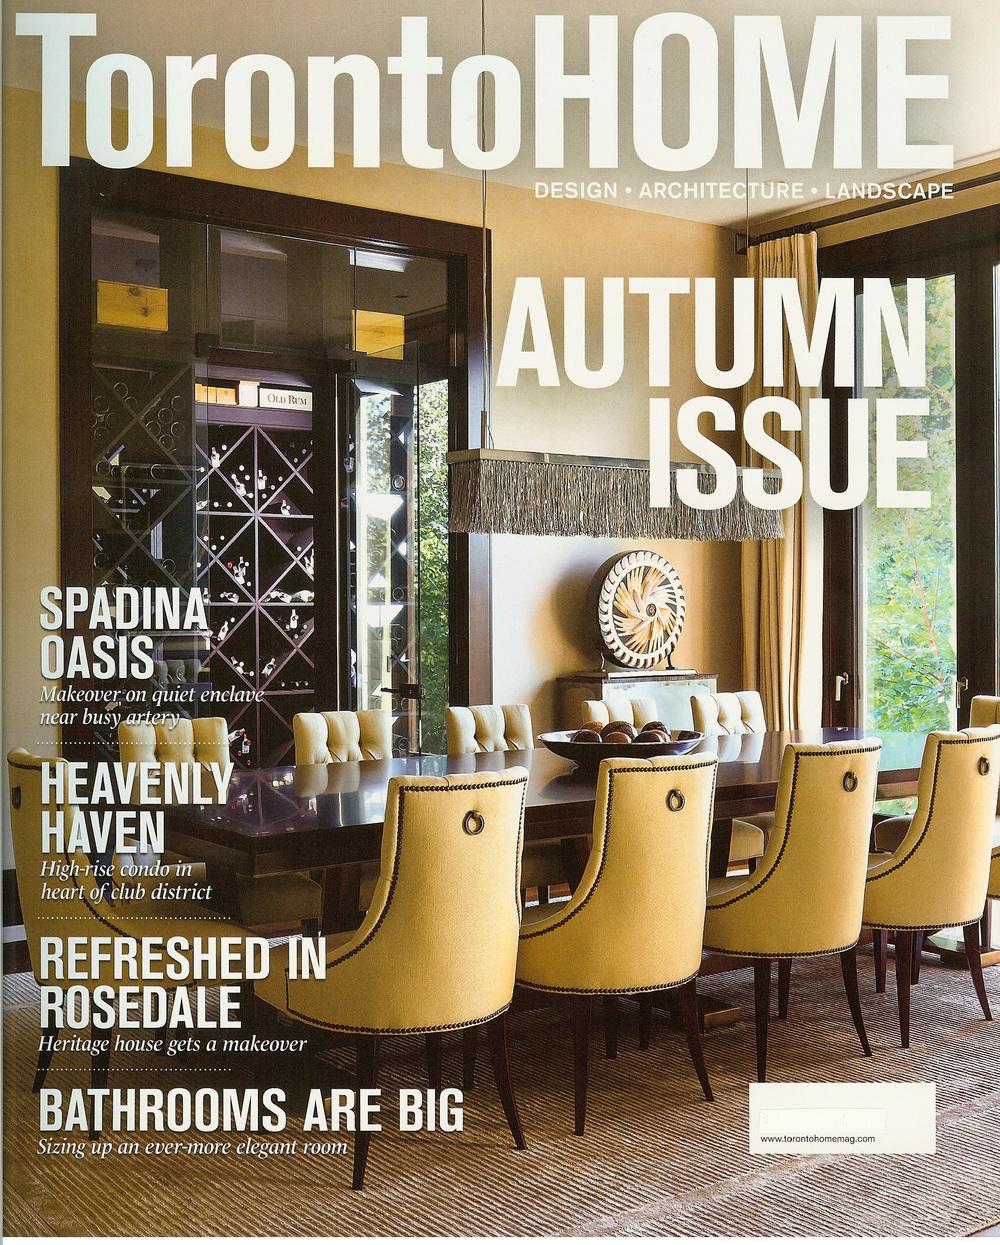 Laura Stein Interiors, Toronto Homes Magazine, Fall 2012